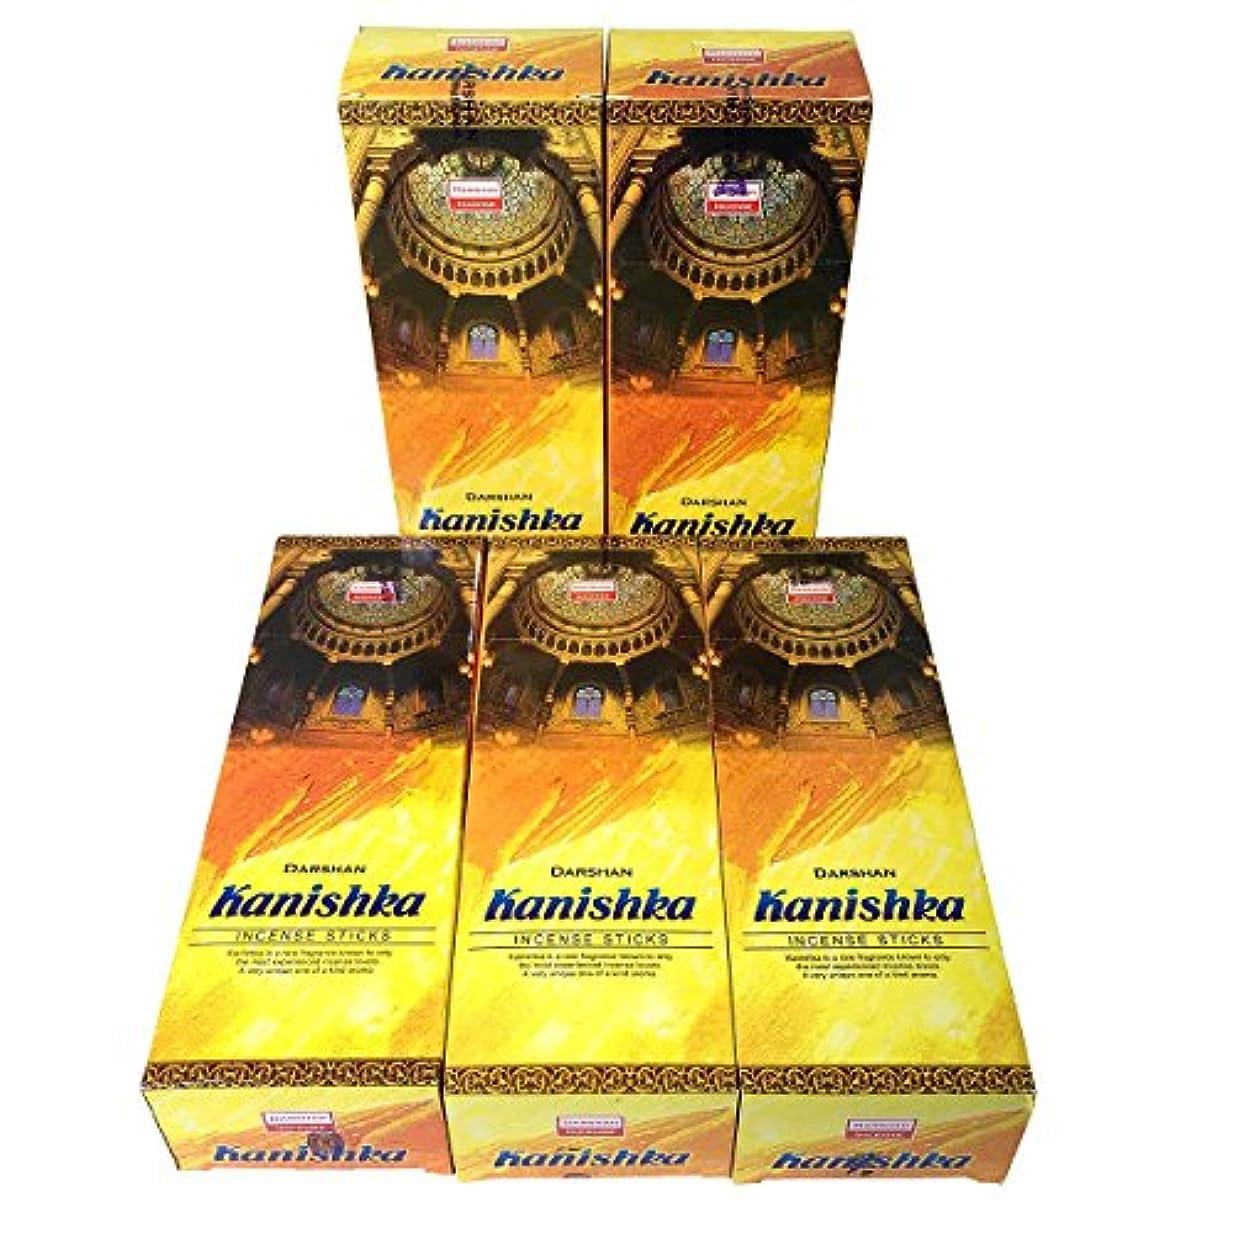 カセット報告書口径カニシュカ香スティック 5BOX(30箱)/DARSHAN KANISHKA/ インド香 / 送料無料 [並行輸入品]